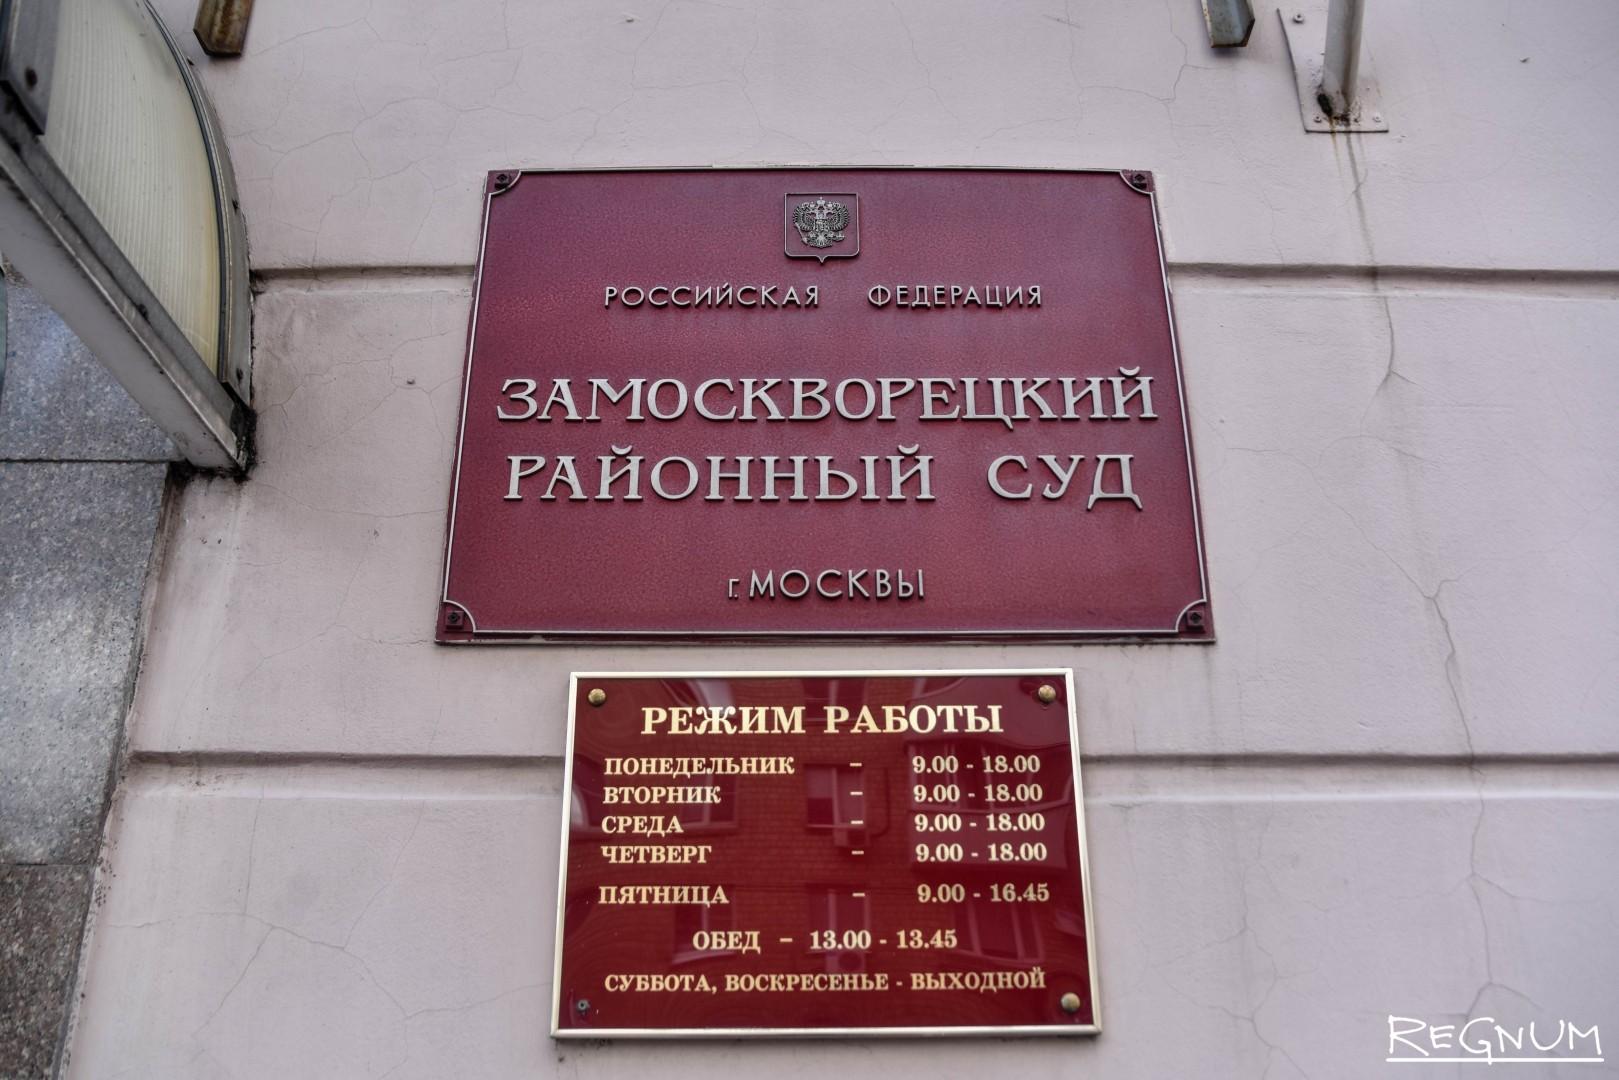 замоскворецкий районный суд официальный сайт